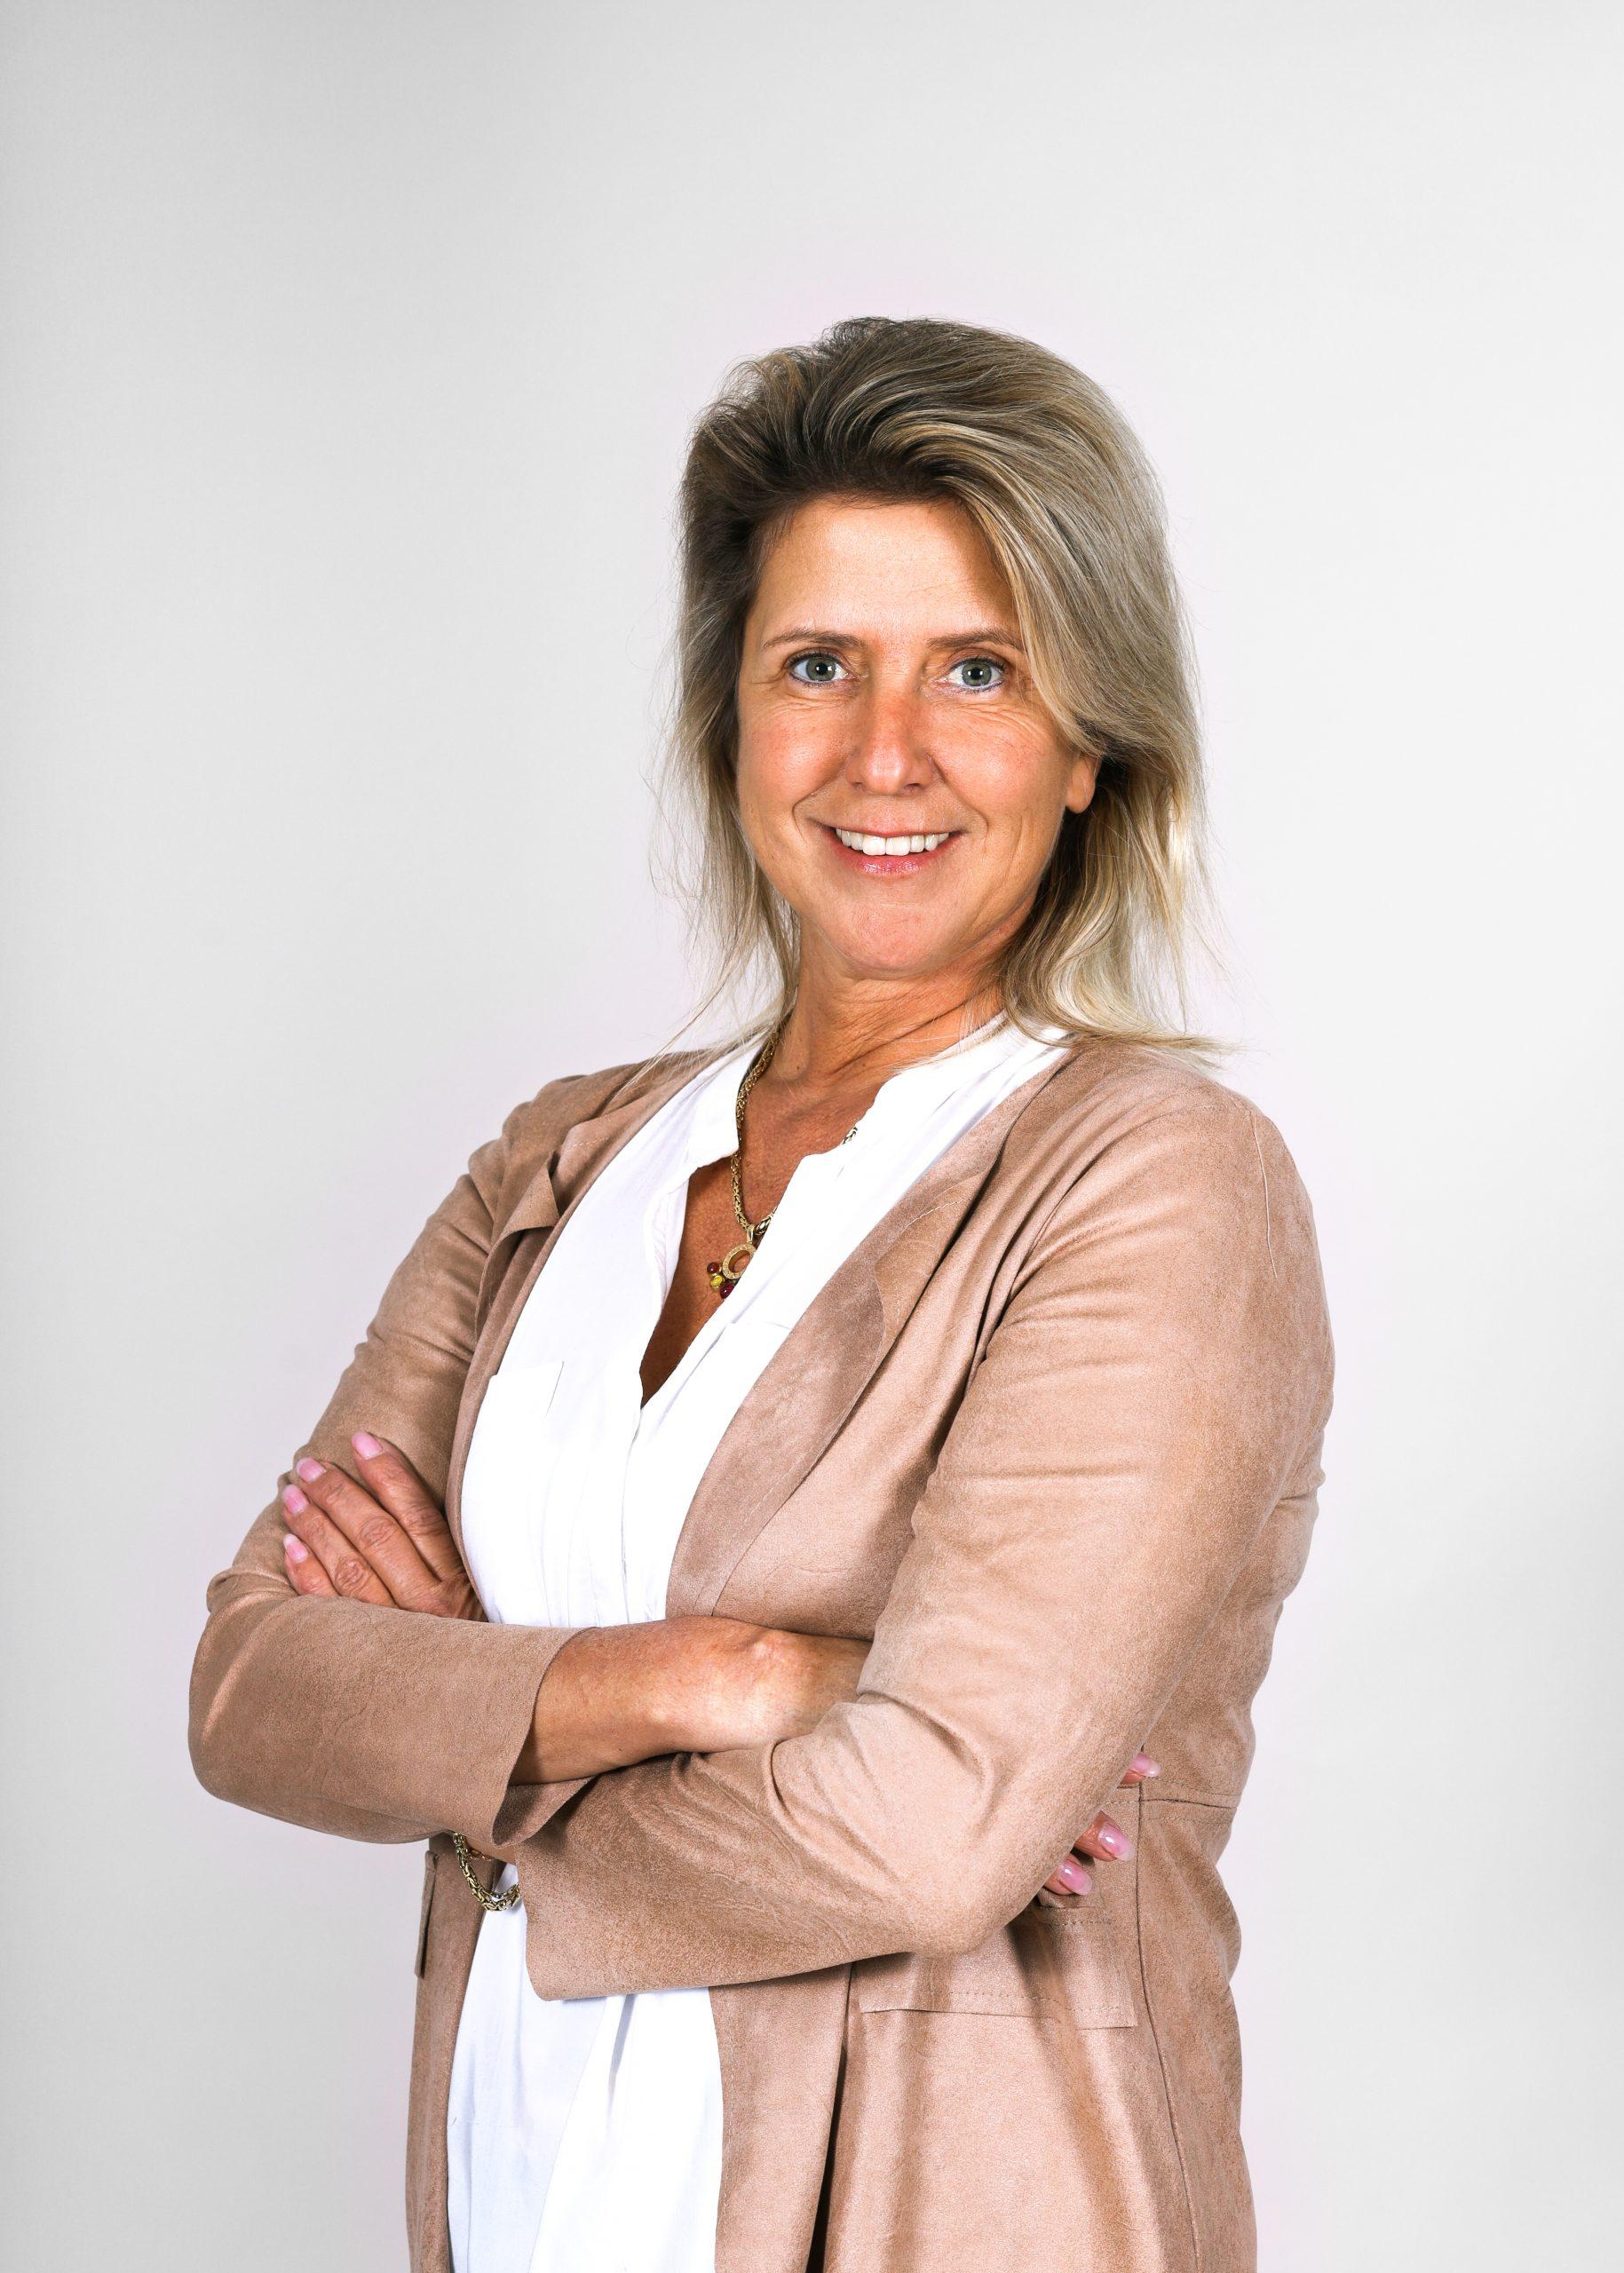 Anja Fünfsinn